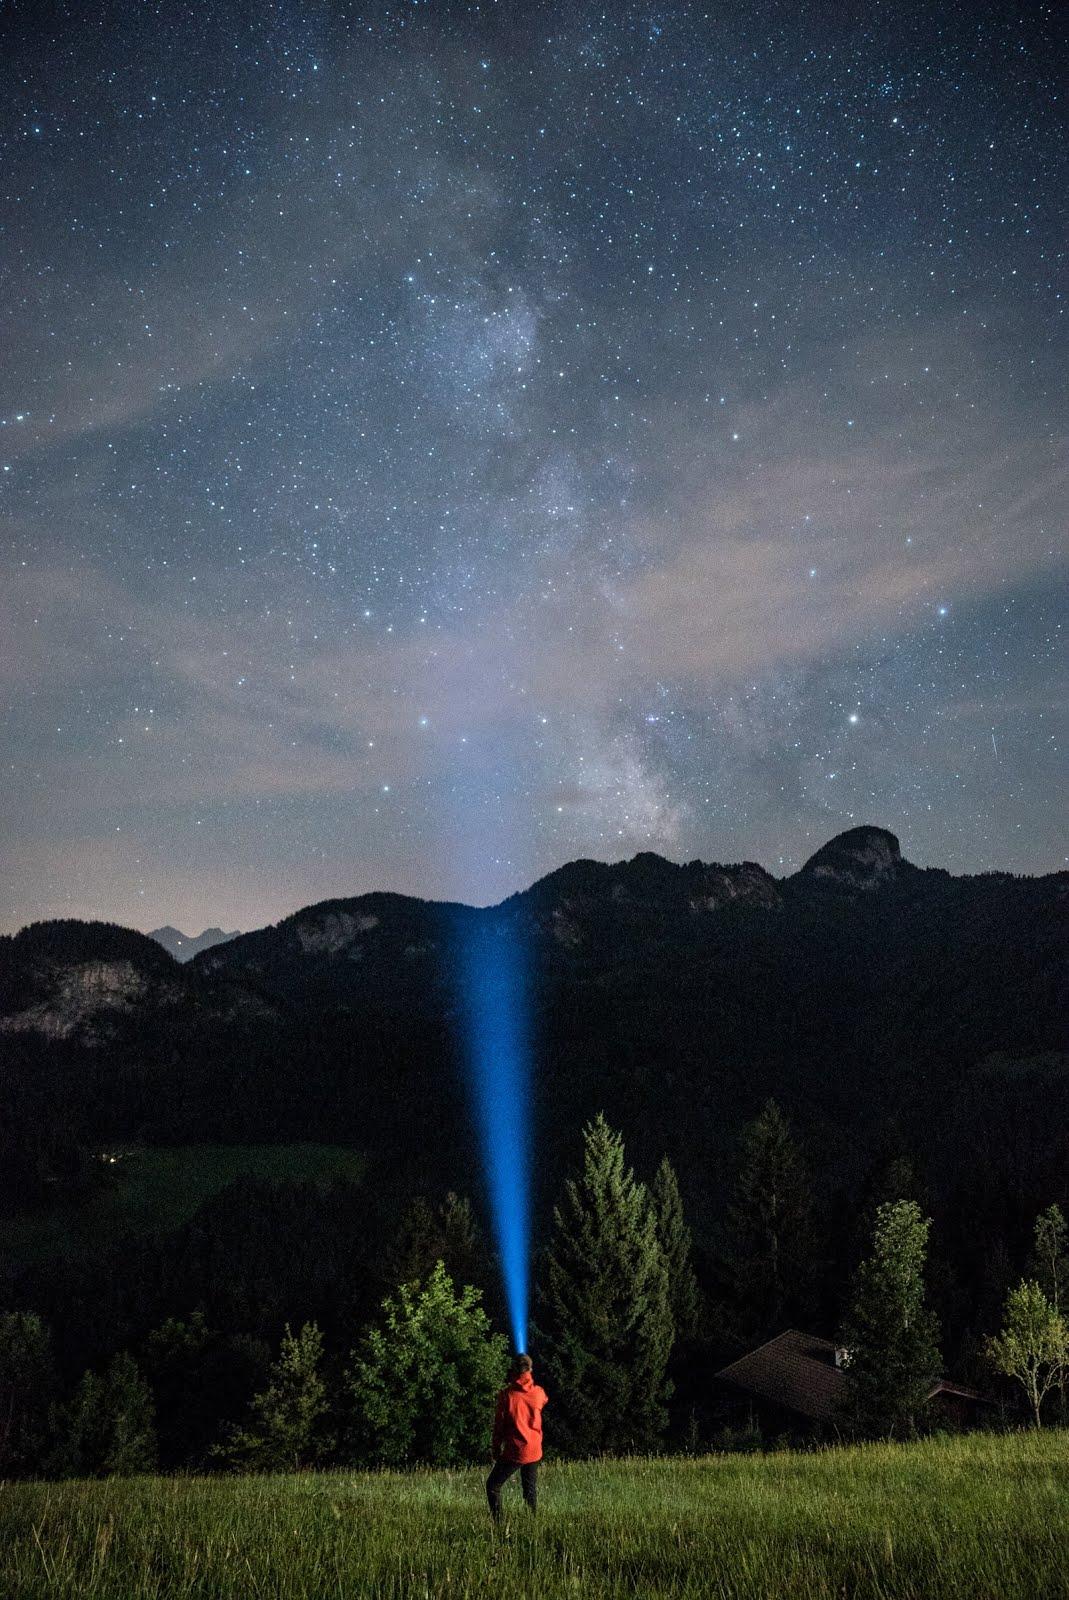 خلفية السماء الساطعة و البحث عن الحقيقة - خلفيات ايفون فضاء